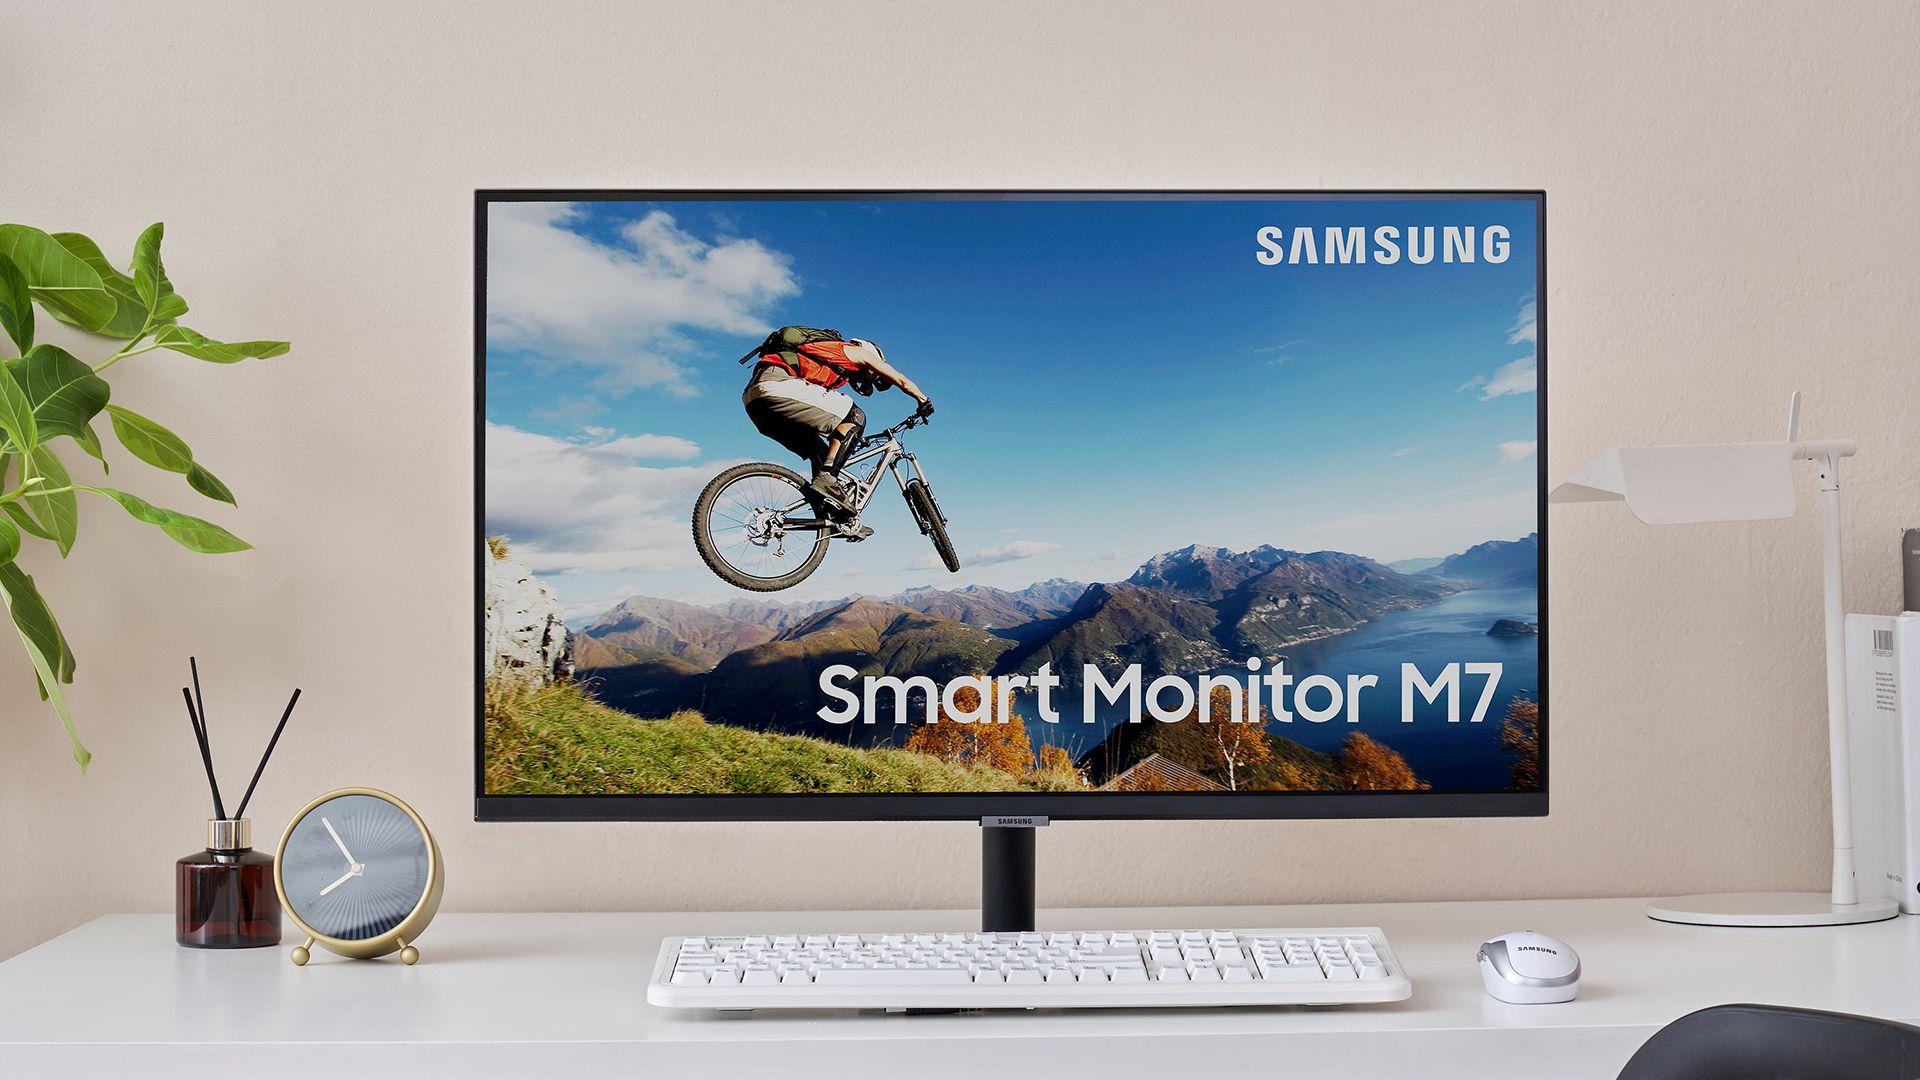 Smart Monitor M7 tem resolução 4K e tela de 32 polegadas (Foto: Divulgação/Samsung)